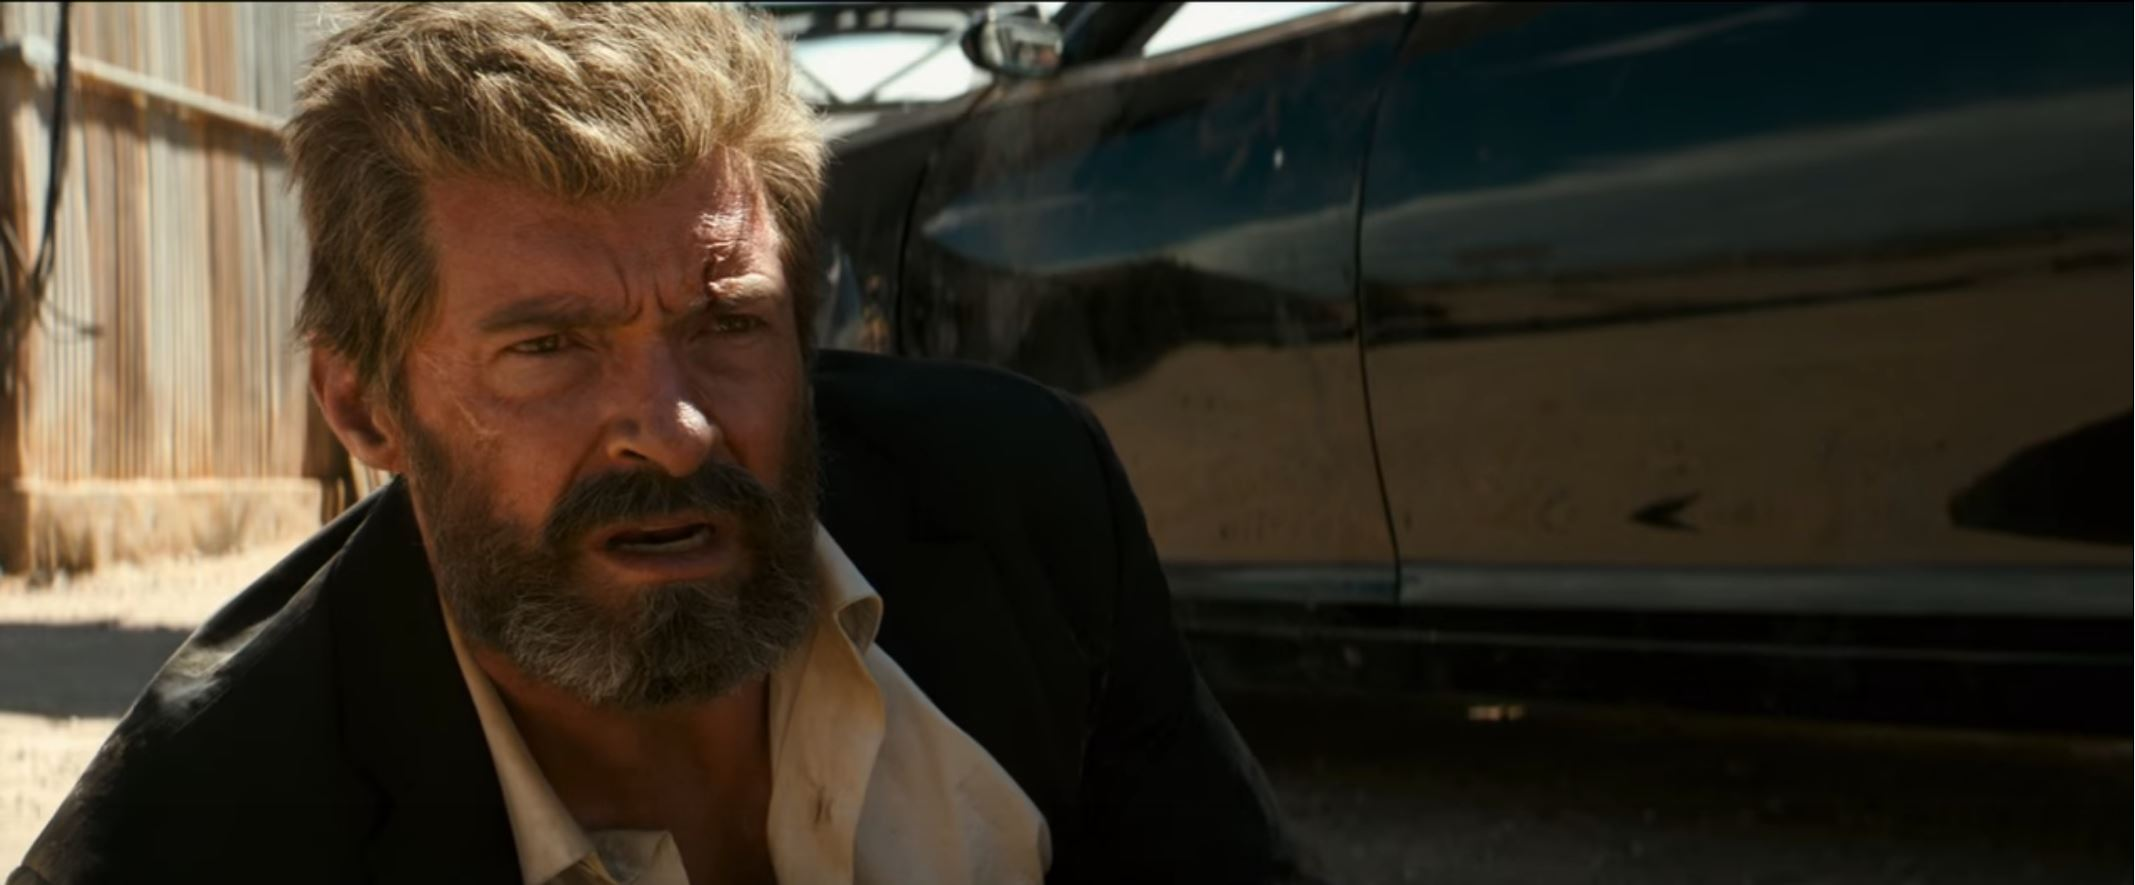 New Wolverine Logan Trailer